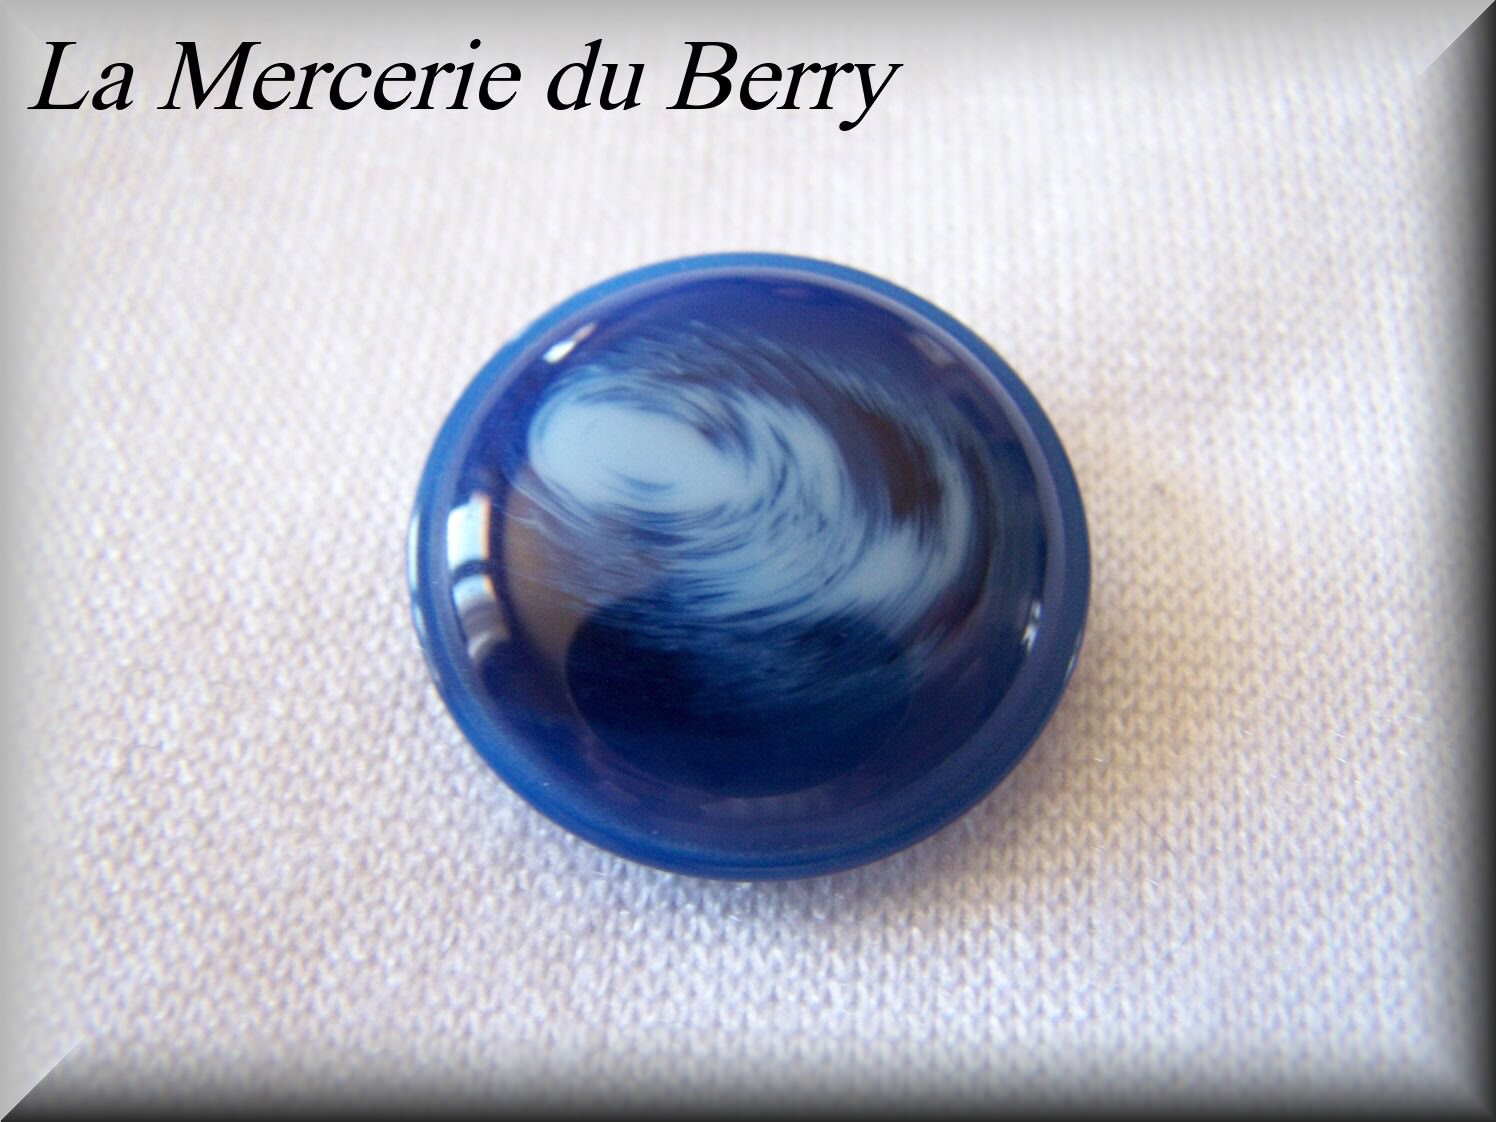 Bouton bleu roy